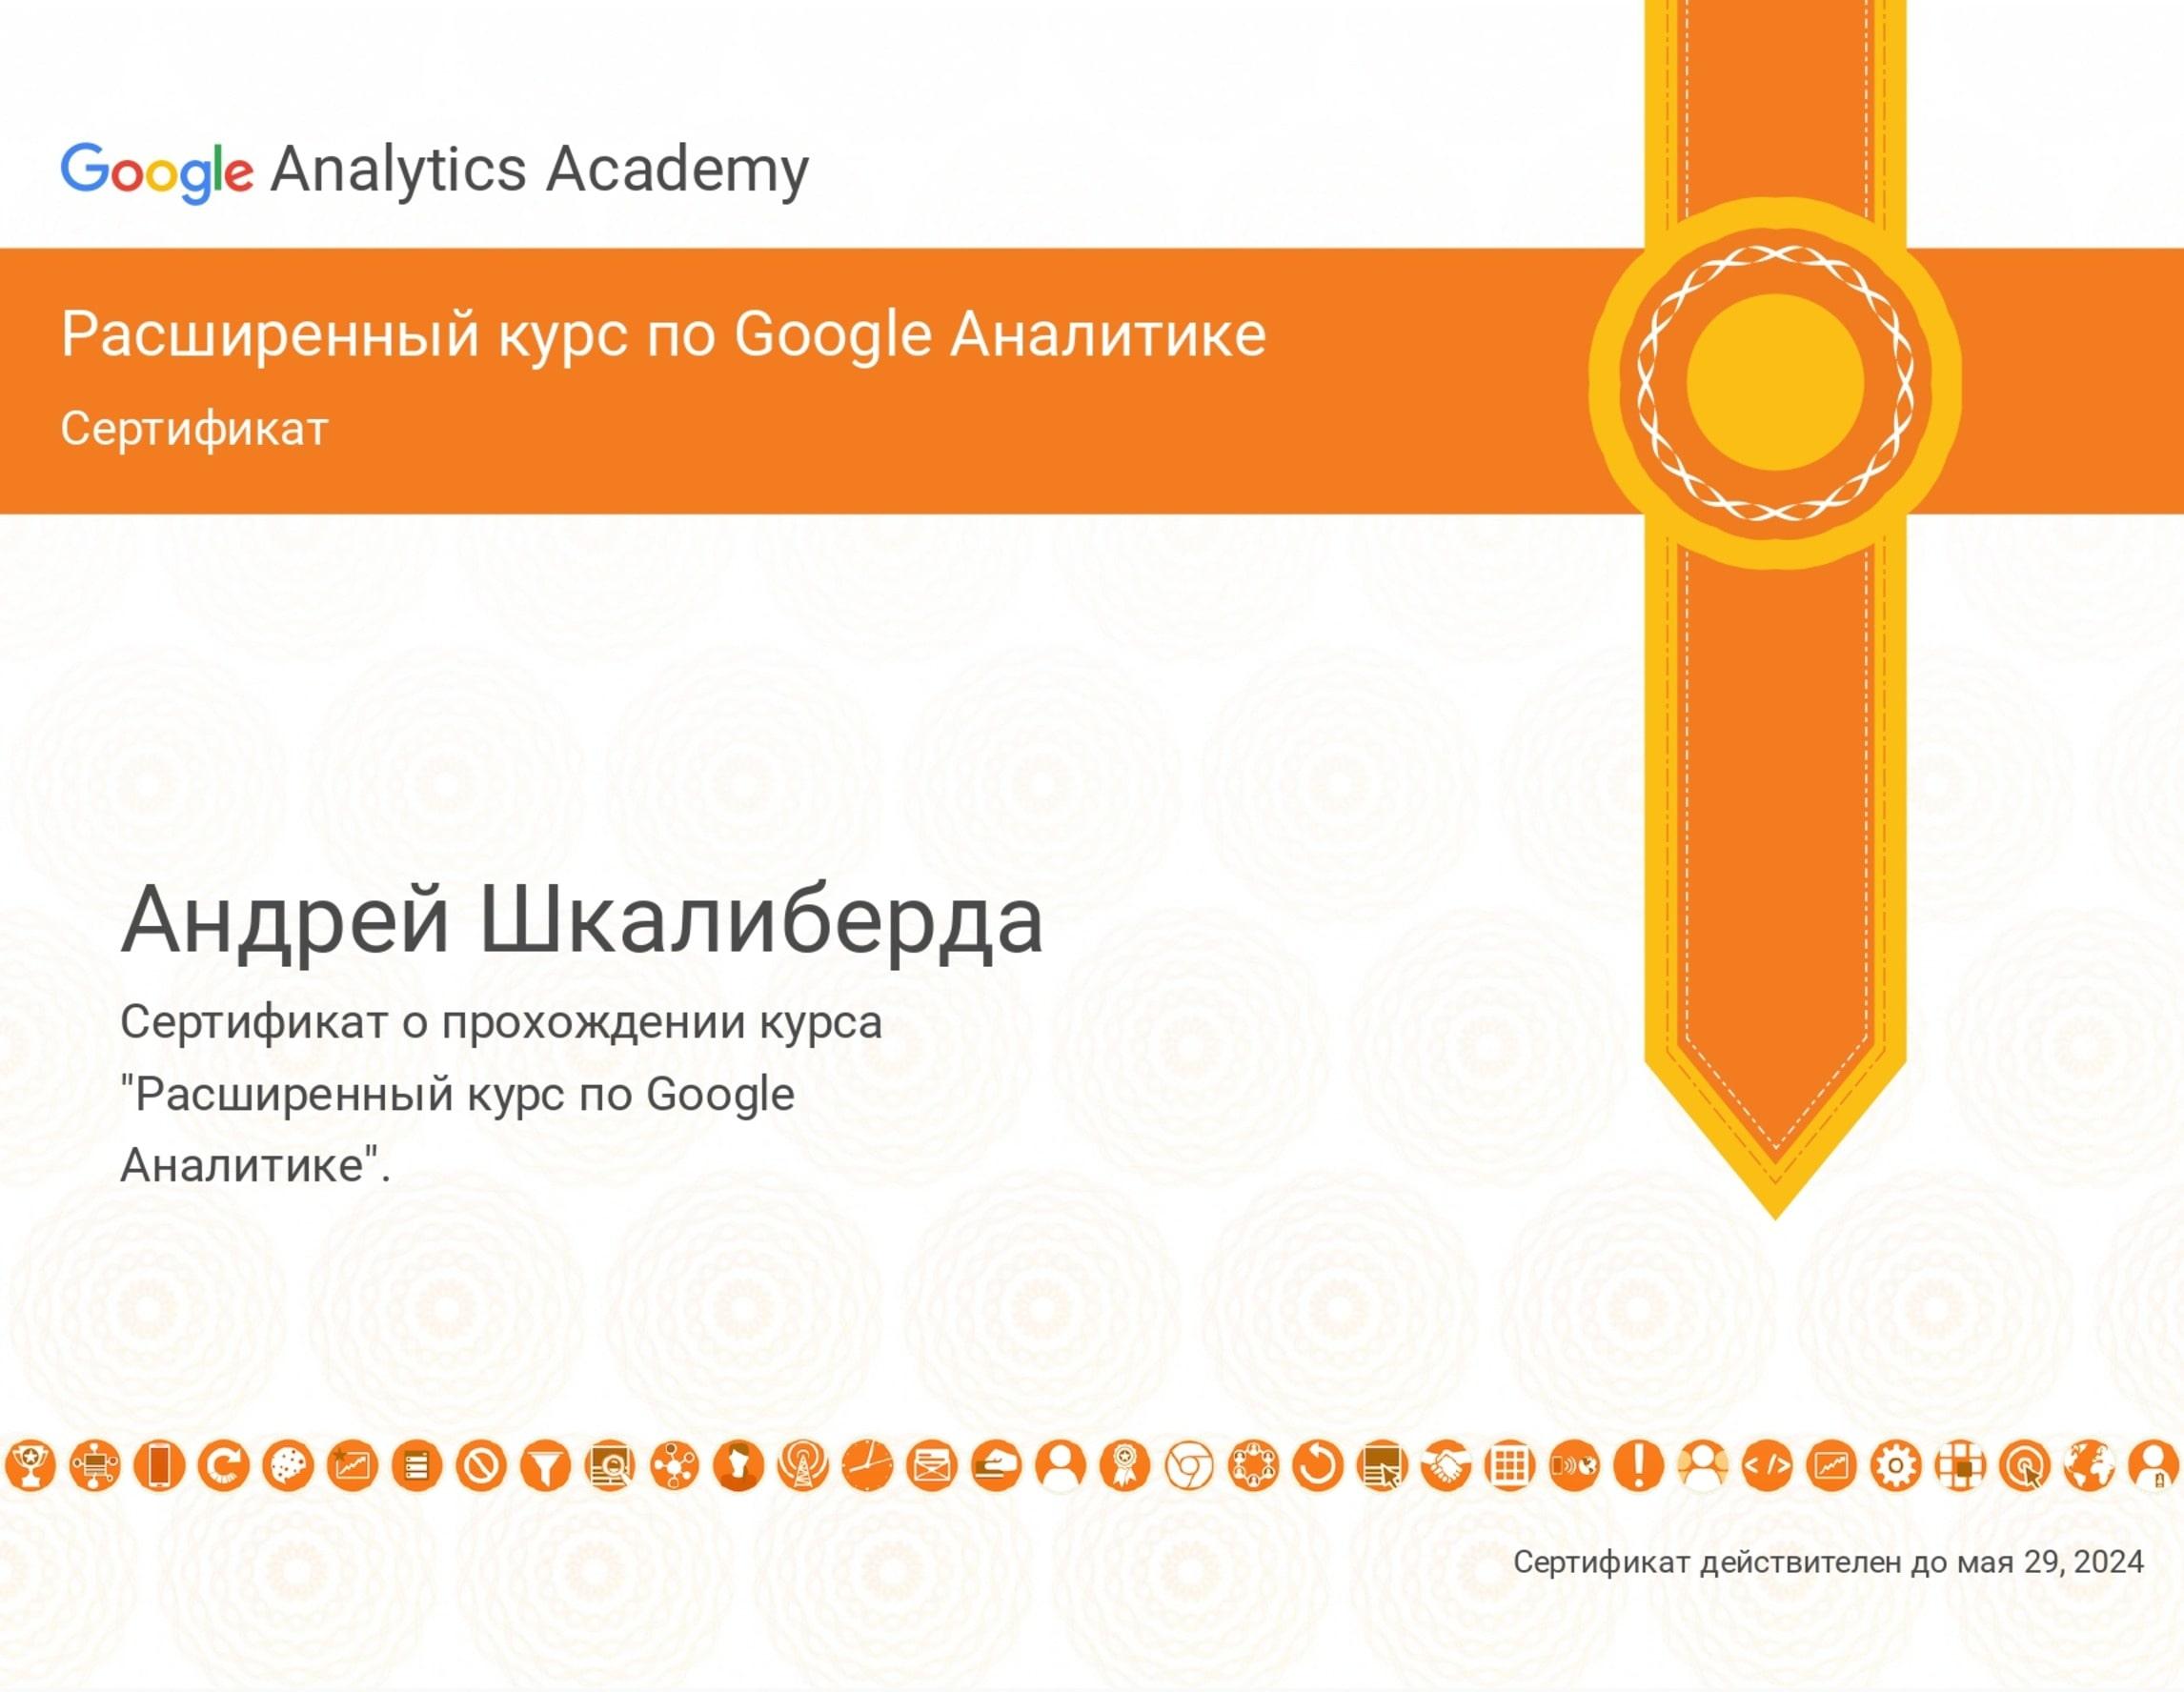 Андрей Шкалиберда сертификат